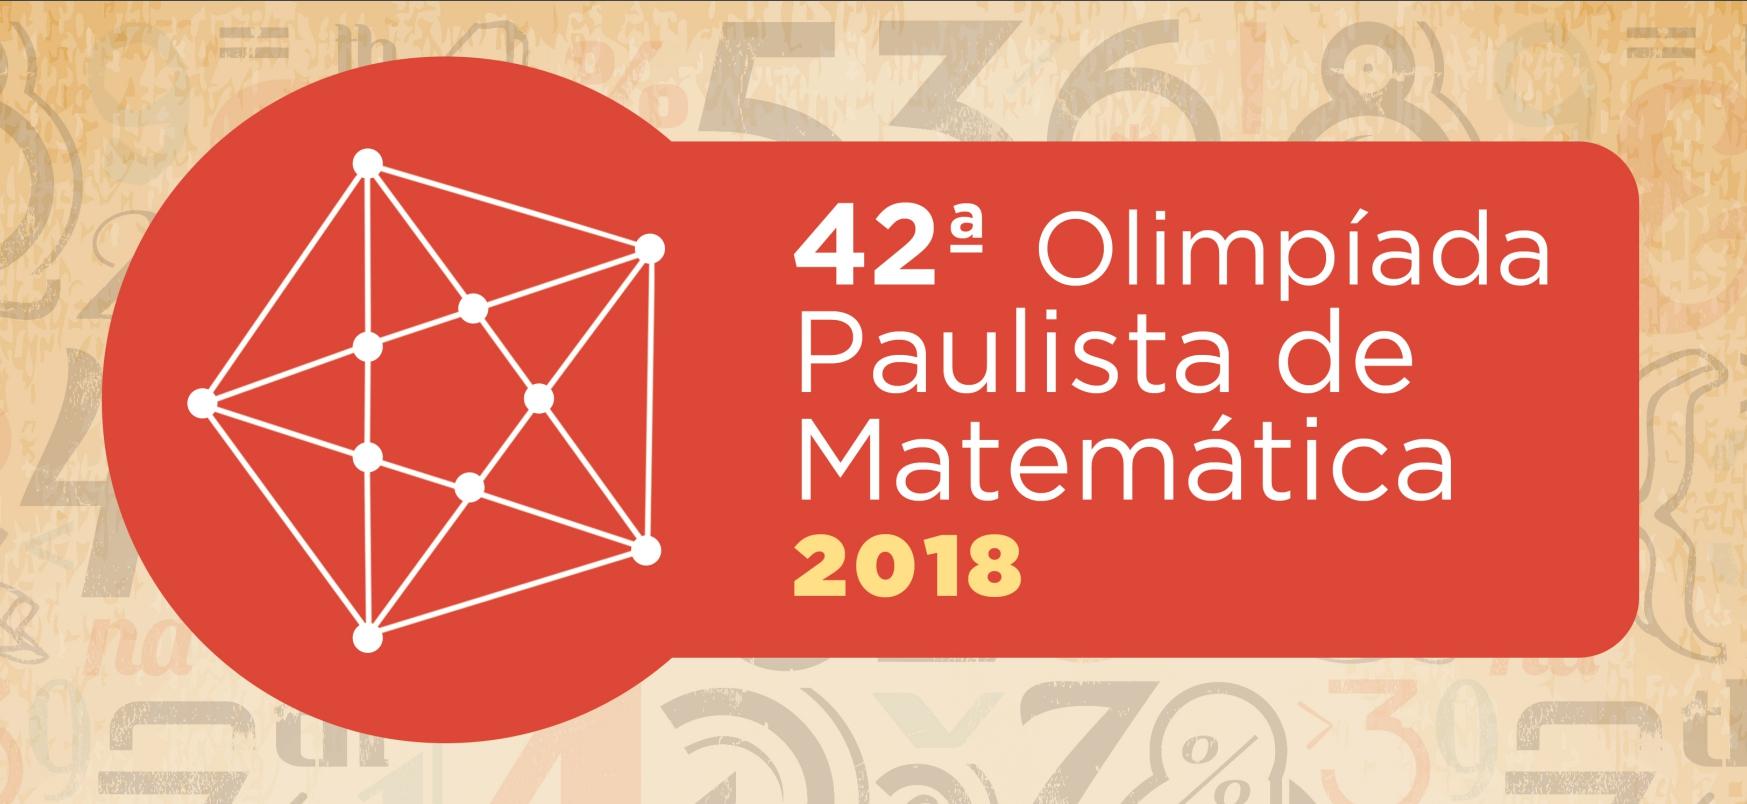 Alunos do Colégio Etapa conquistam 19 medalhas na Olimpíada Paulista de Matemática (OPM)